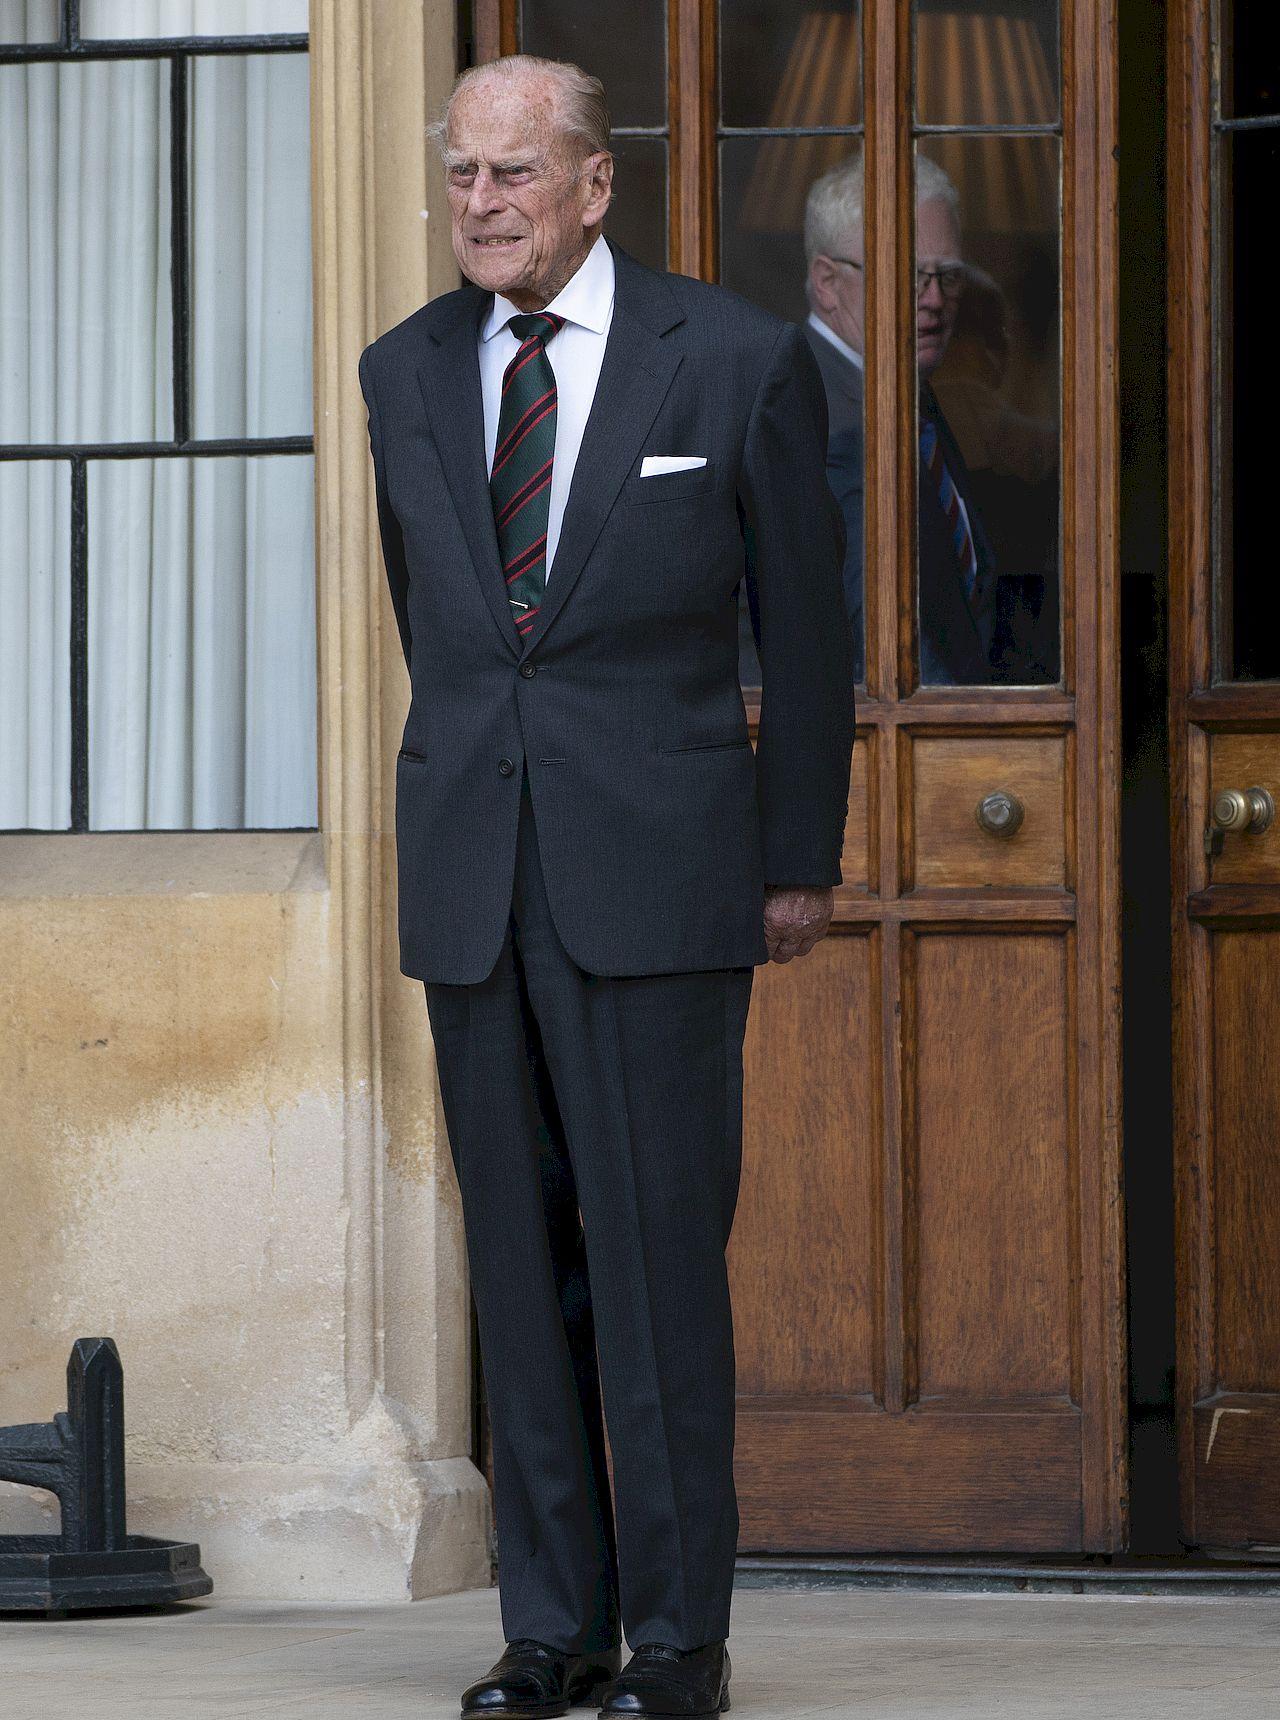 Książę Filip na oficjalnym wystąpieniu.